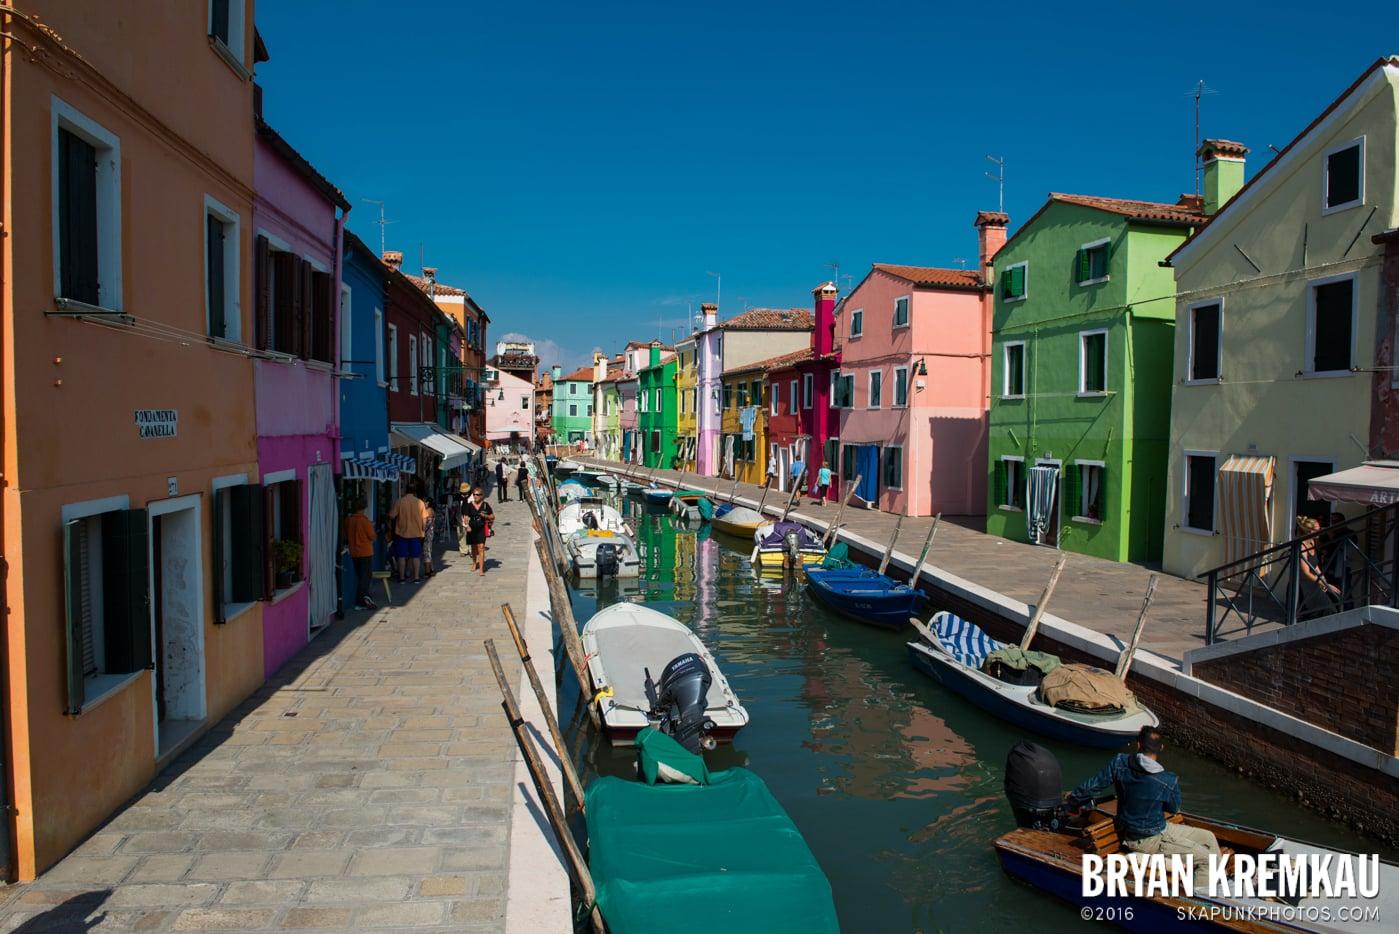 Italy Vacation - Day 6: Murano, Burano, Venice - 9.14.13 (21)